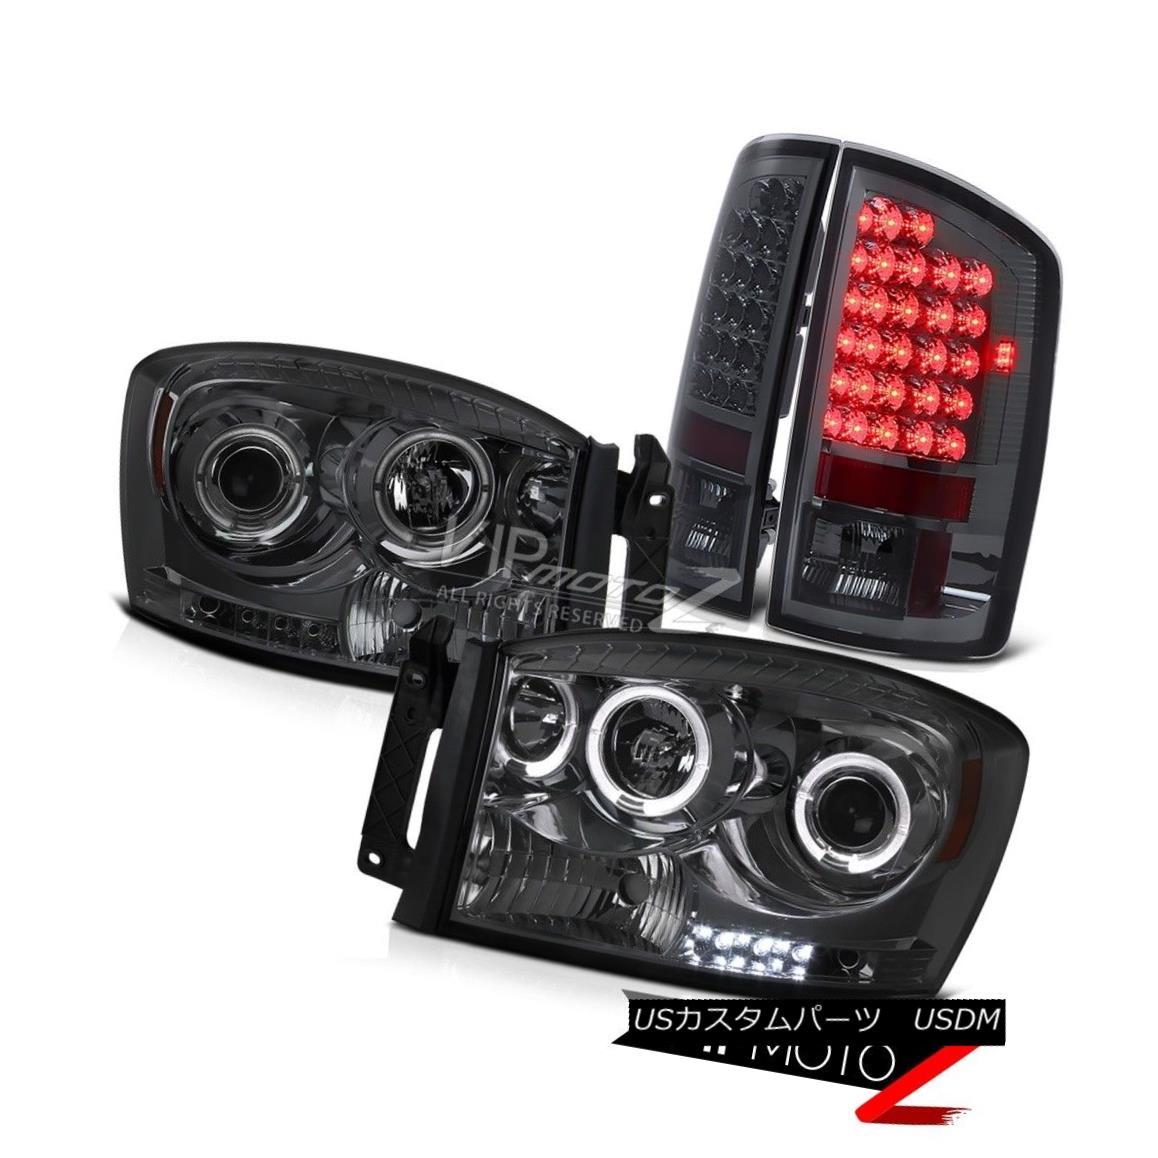 テールライト Smoke Projector Halo Headlight+LED Tail Light Signal Lamp 07-08 Dodge Ram 1500 煙プロジェクターHaloヘッドライト+ LEDテールライトシグナルランプ07-08 Dodge Ram 1500